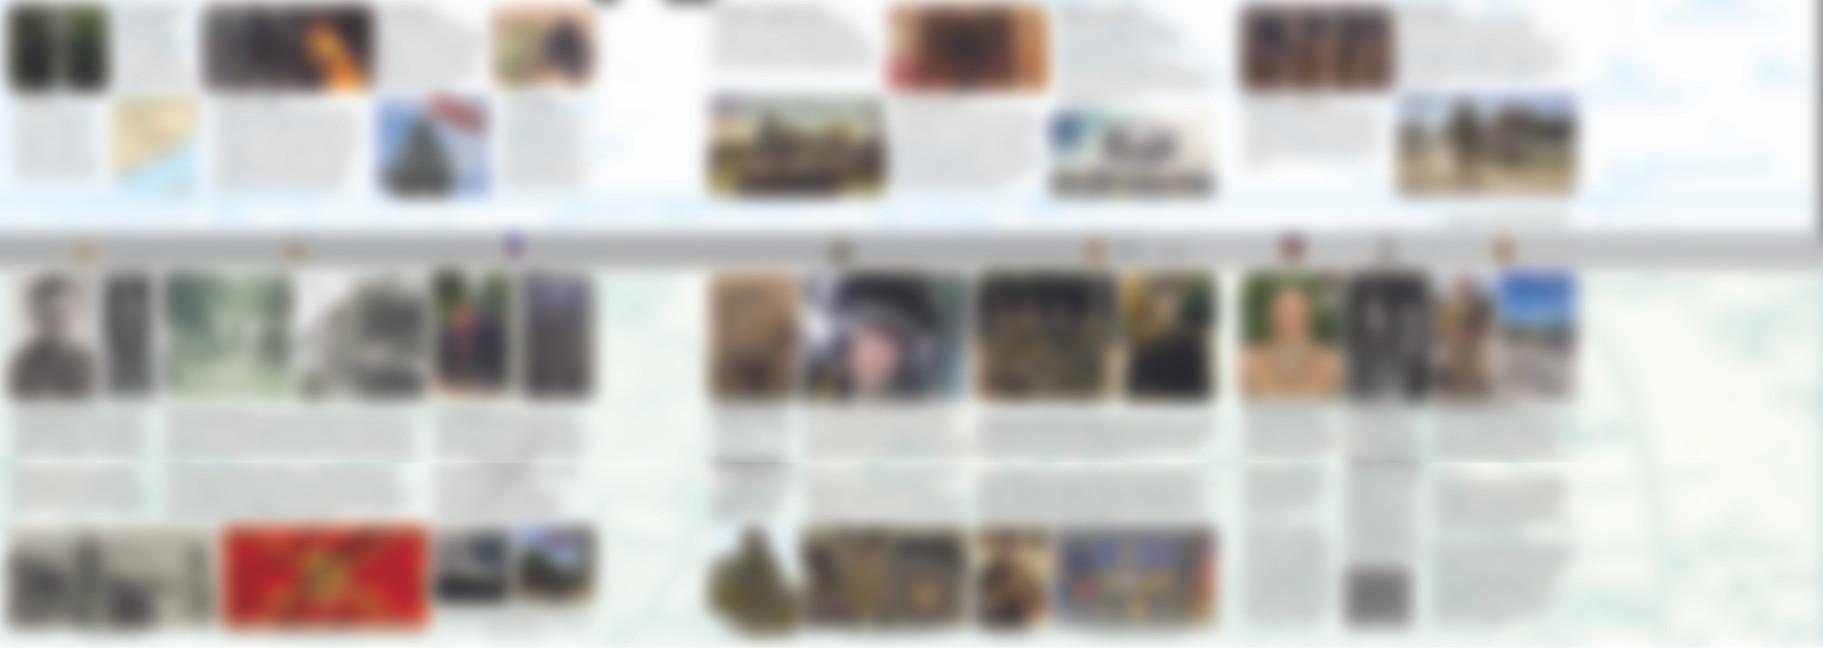 War Room Timeline